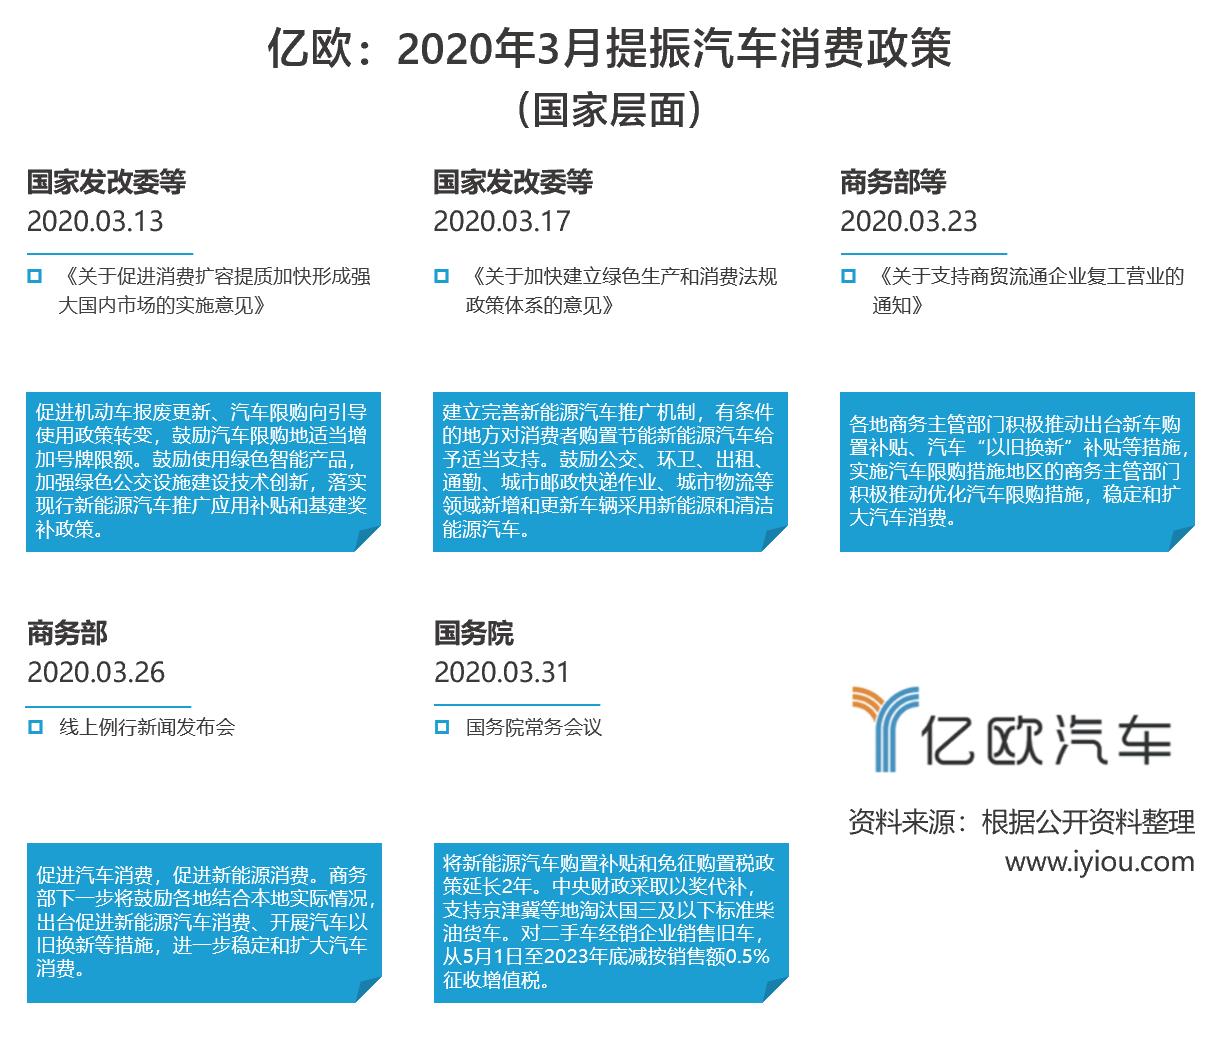 3月汽车消费政策(国家)